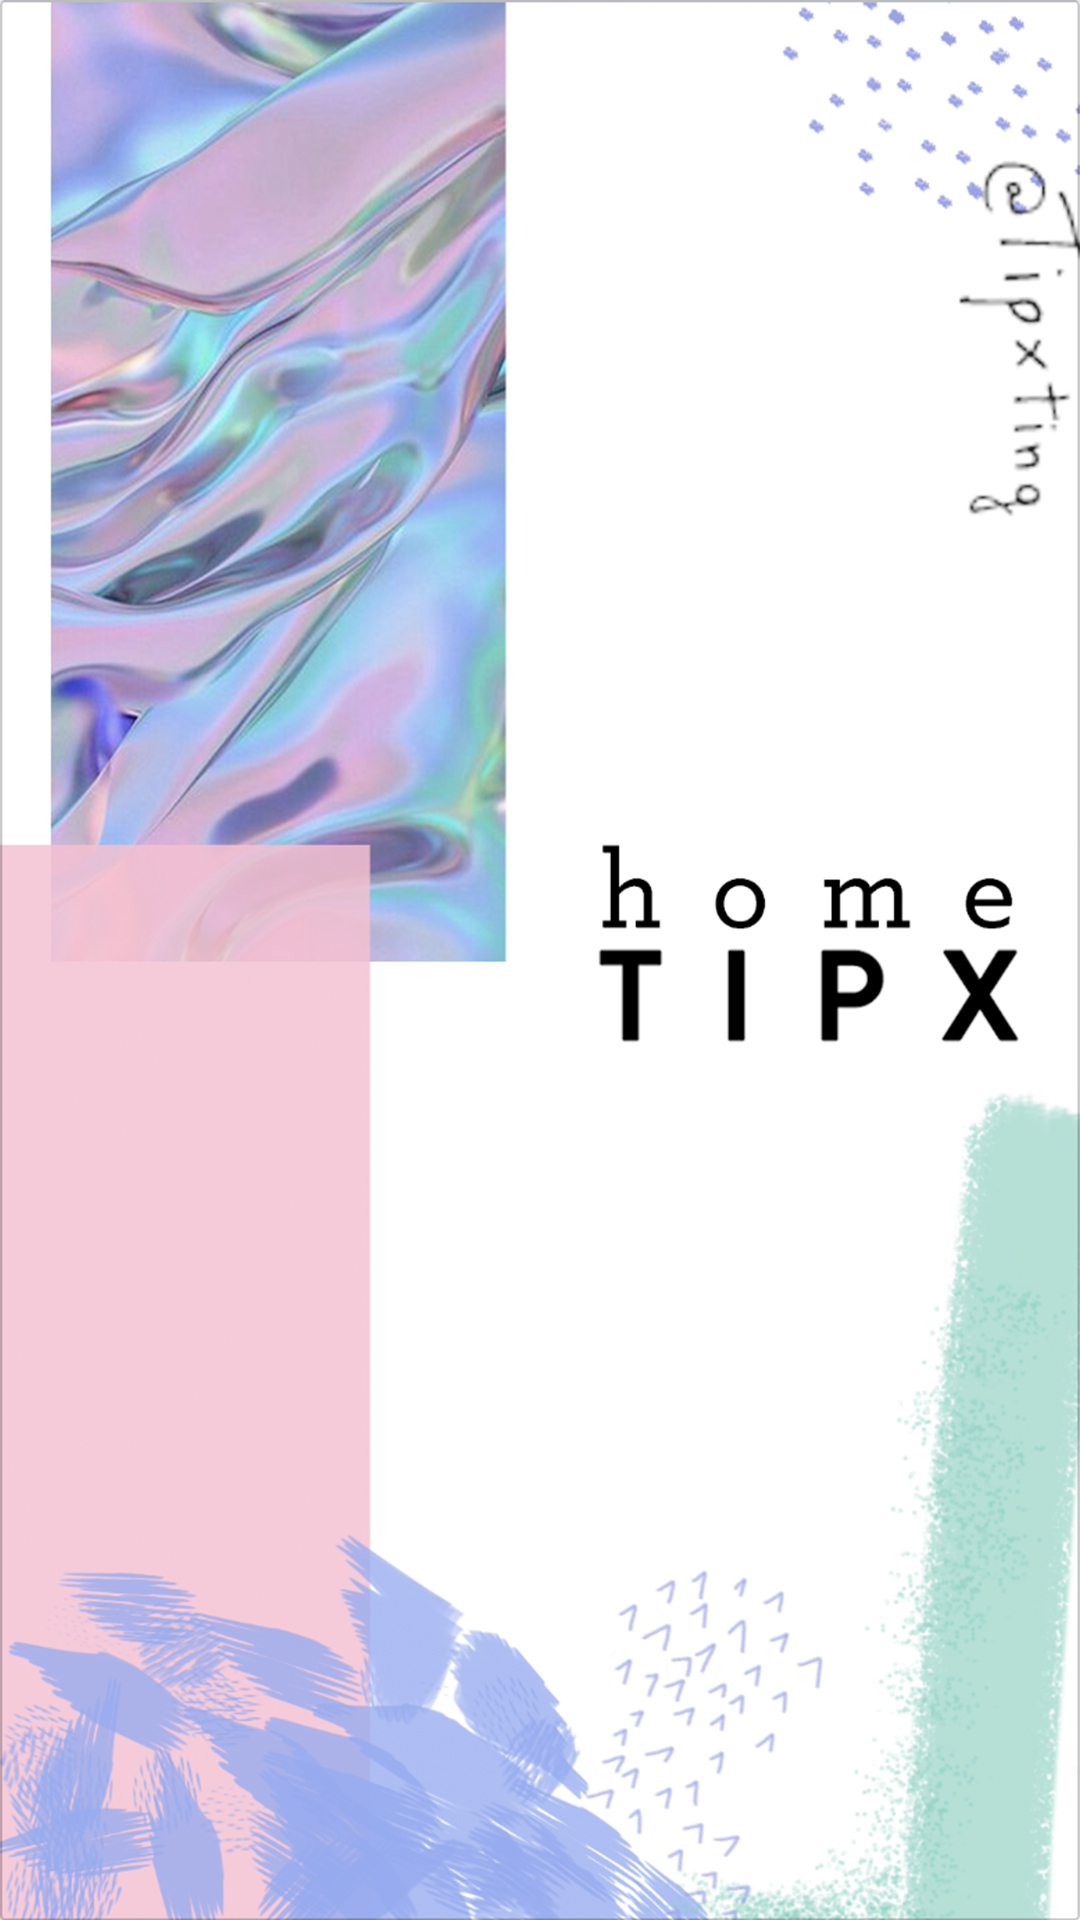 home tipx.jpg